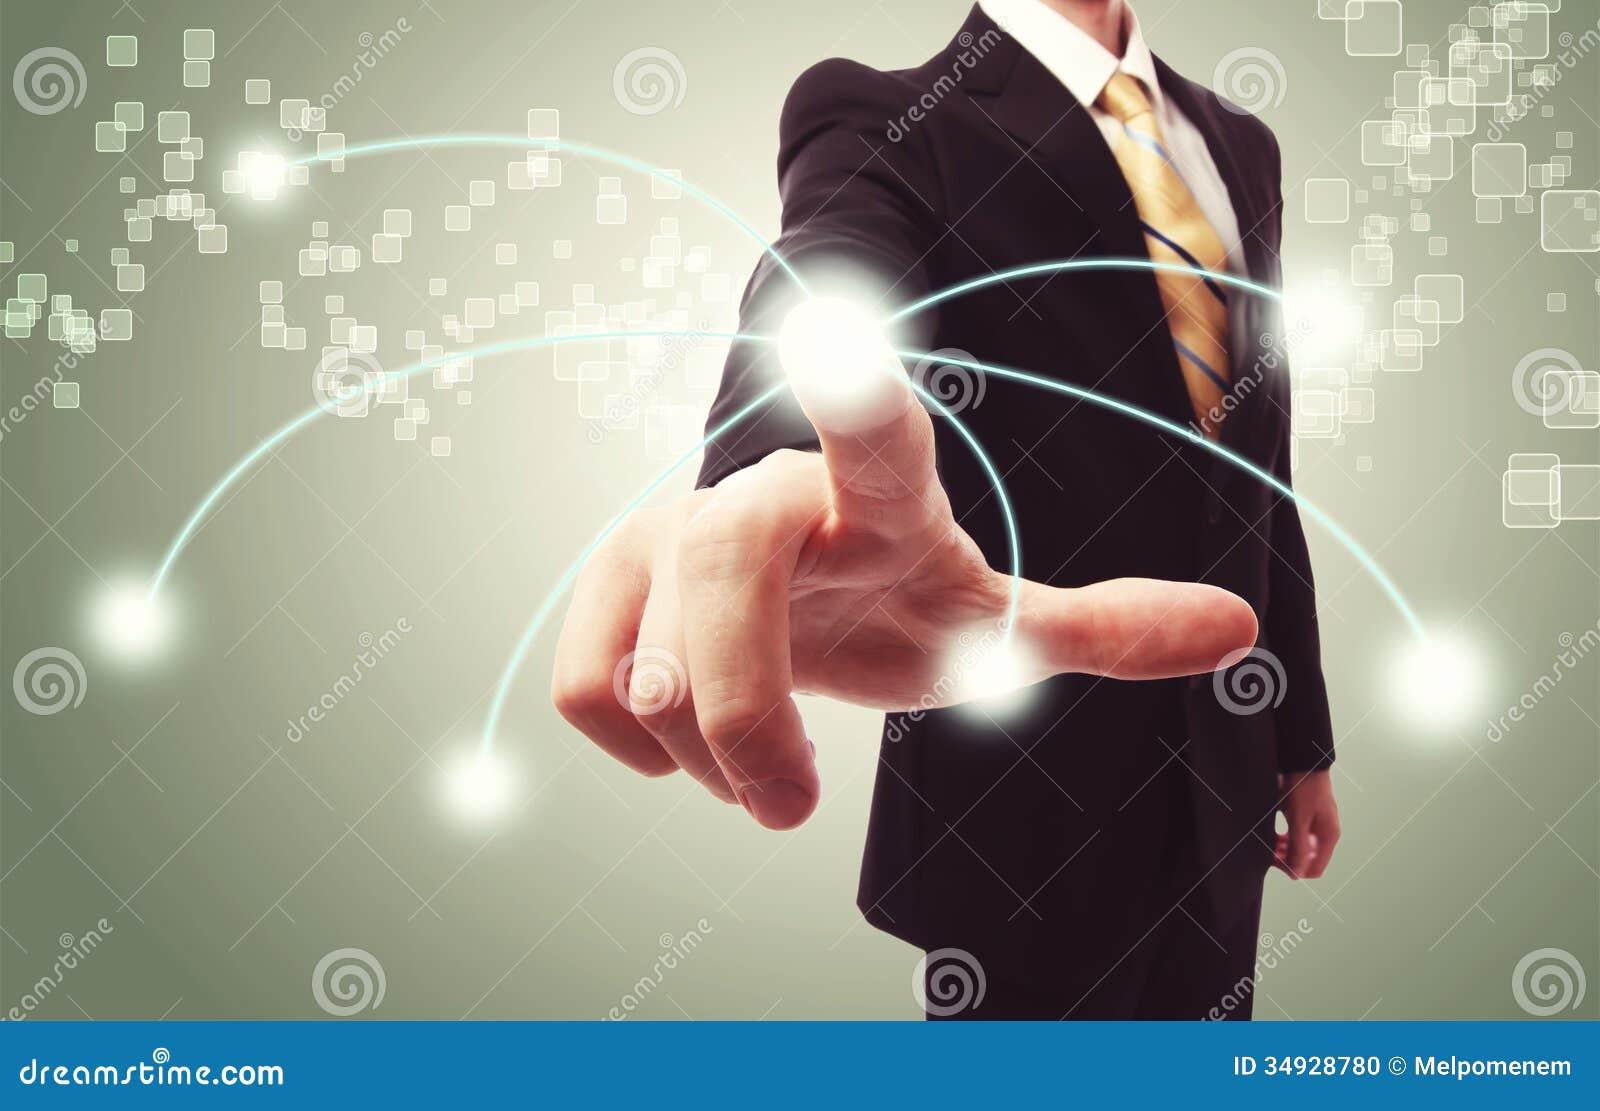 Hombre de negocios que presiona el botón de la tecnología